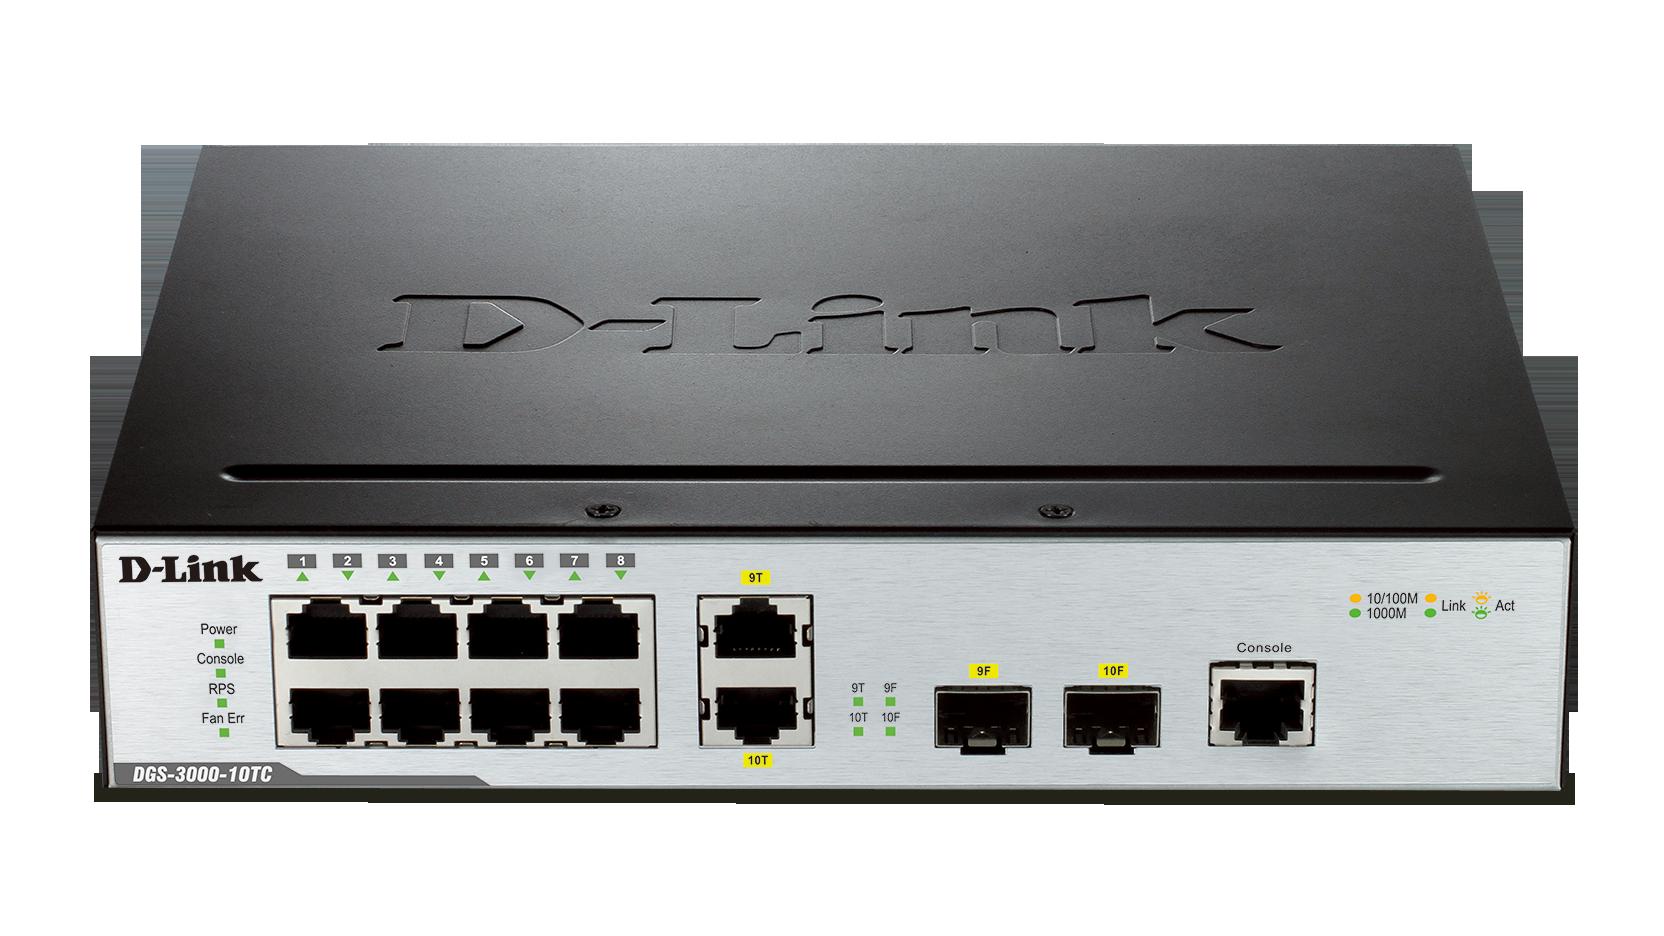 Switch D-Link DGS-3000-10TC cu management fara PoE 8x1000Mbps-RJ45 + 2x1000Mbps-RJ45 (sau 2xSFP)